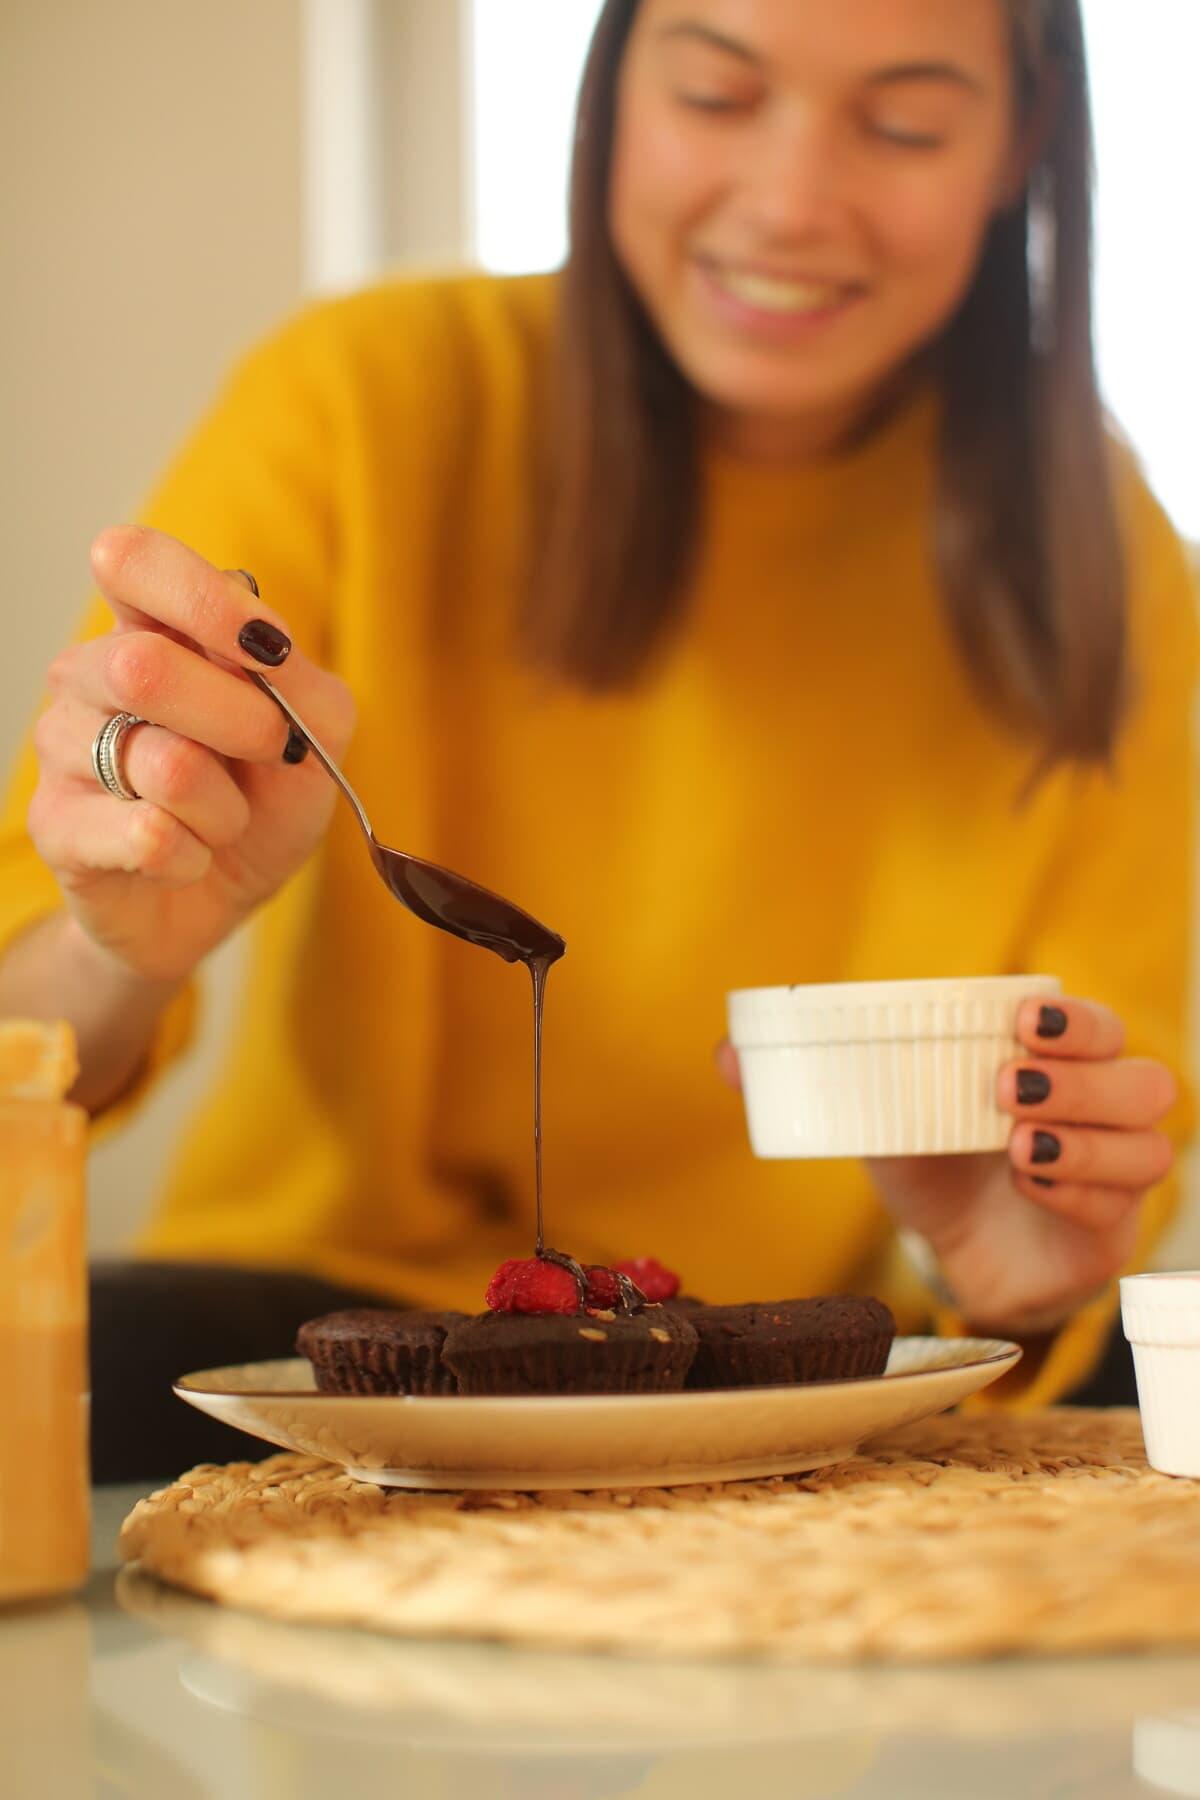 Schokolade, süß, heiß, Cupcake, drinnen, Frühstück, Frau, Backen, Dämmerung, Familie